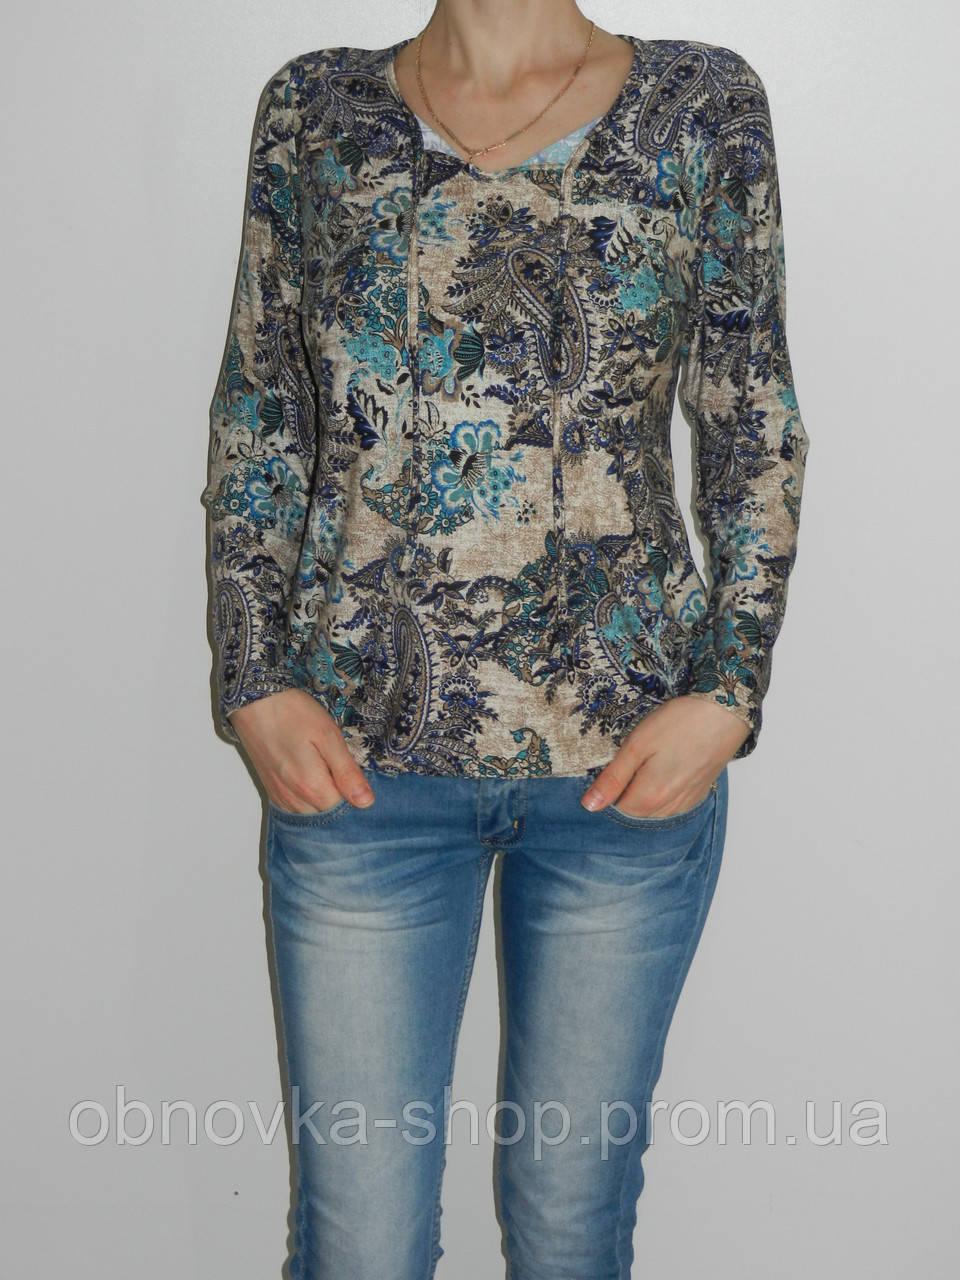 Блузка 52 Размера